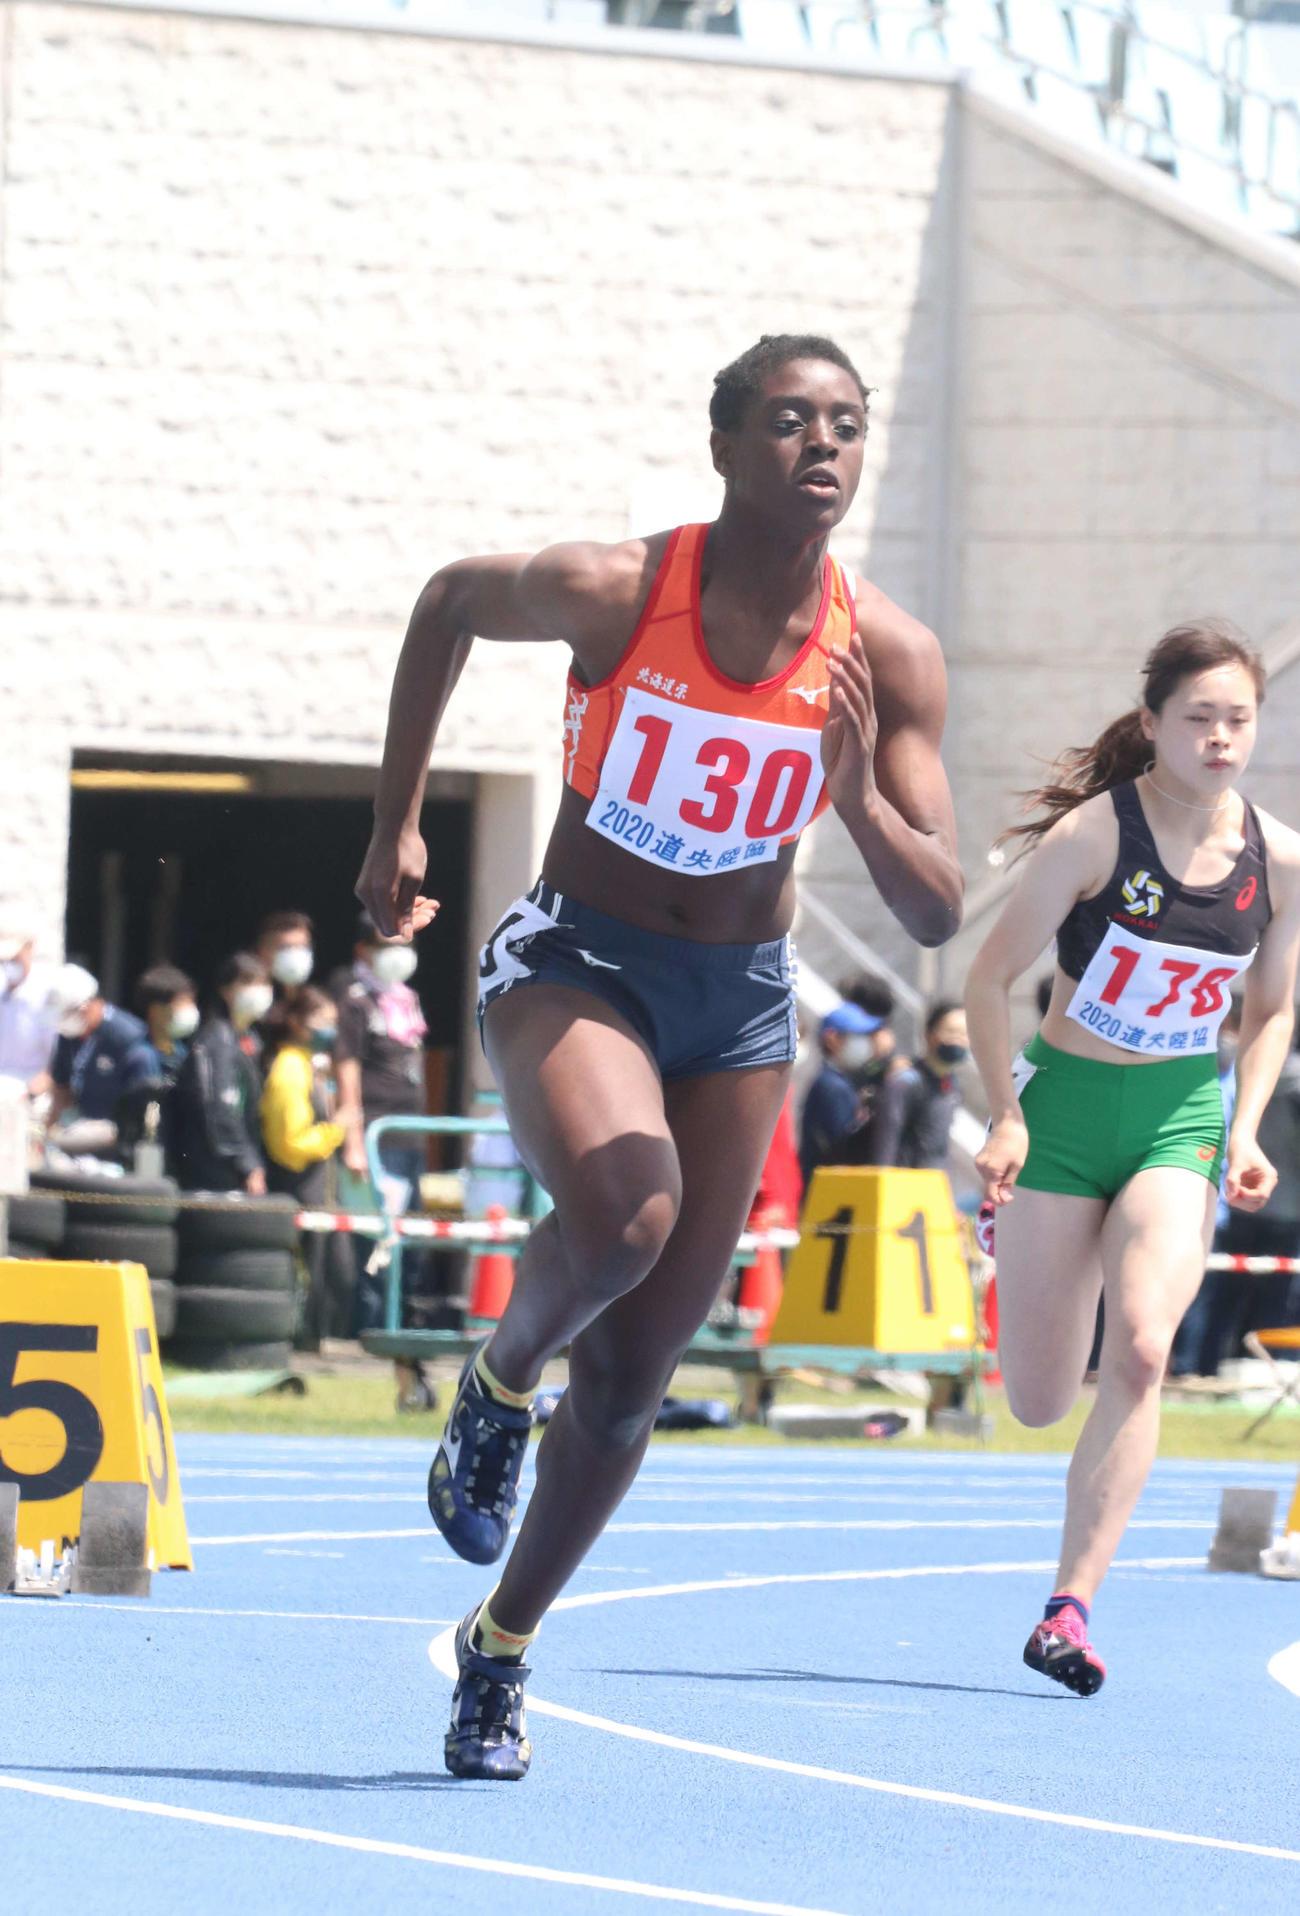 今季初戦の女子400メートルで全体トップの56秒88を記録した北海道栄のアシィ(撮影・浅水友輝)